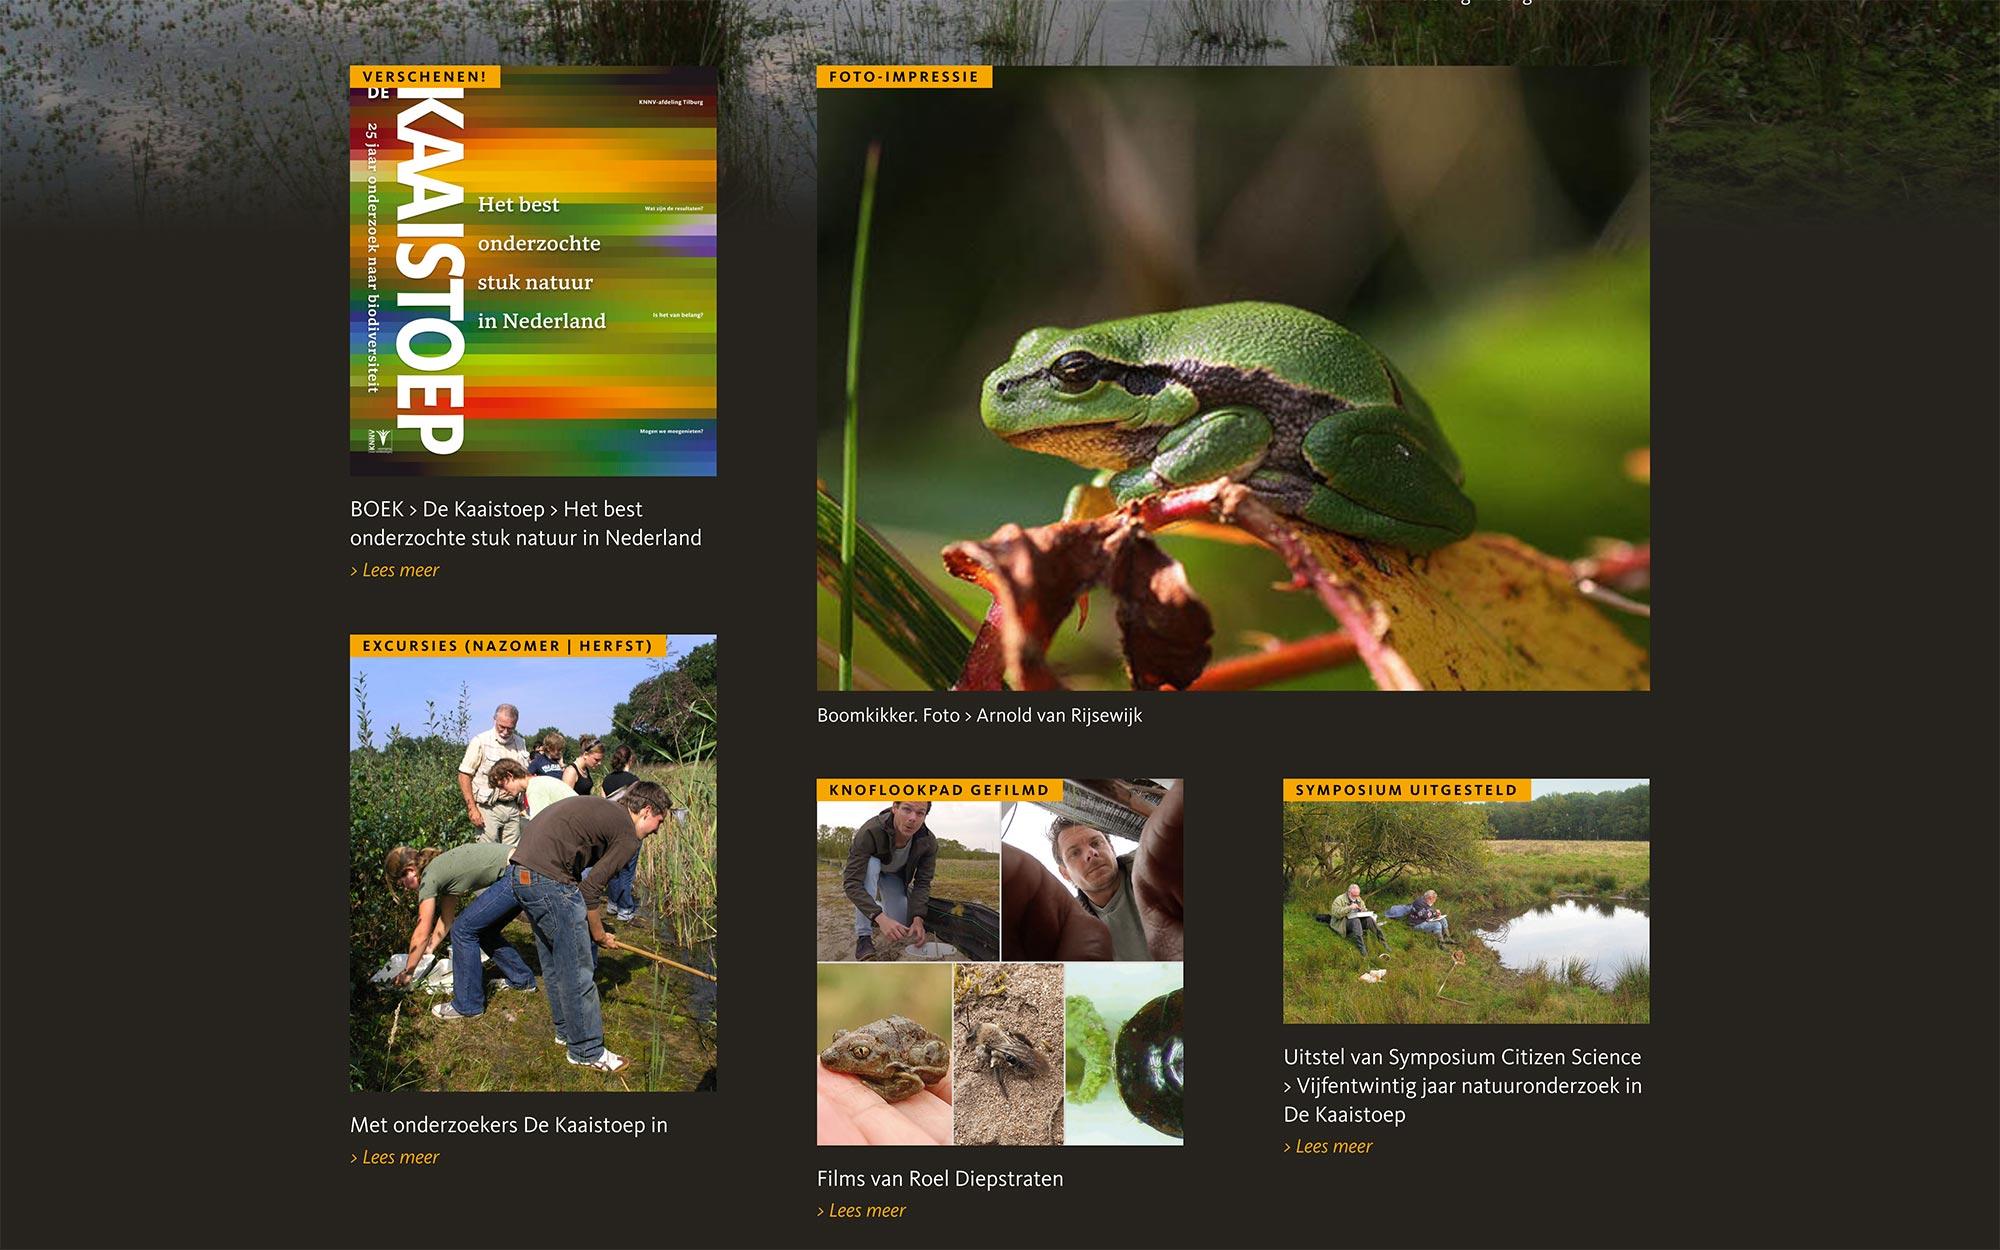 De Kaaistoep website JAgd ontwerp 4